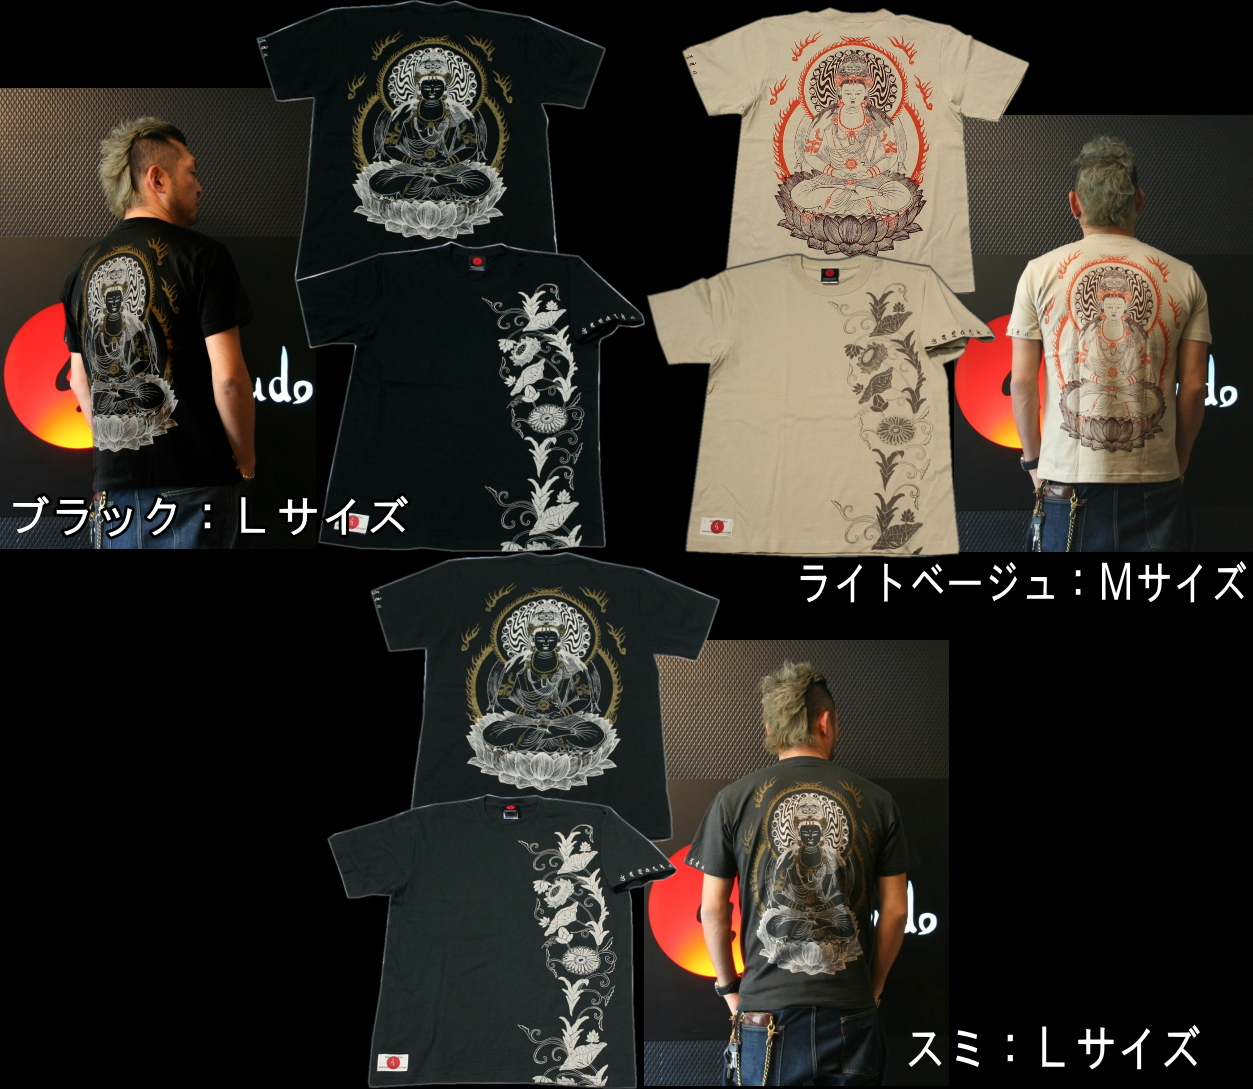 Kyoto Yuzen and Japanese pattern t-shirt Dainichi Nyorai だいにちにょらい and Buddhist fs3gm Rakuten Japan sale item